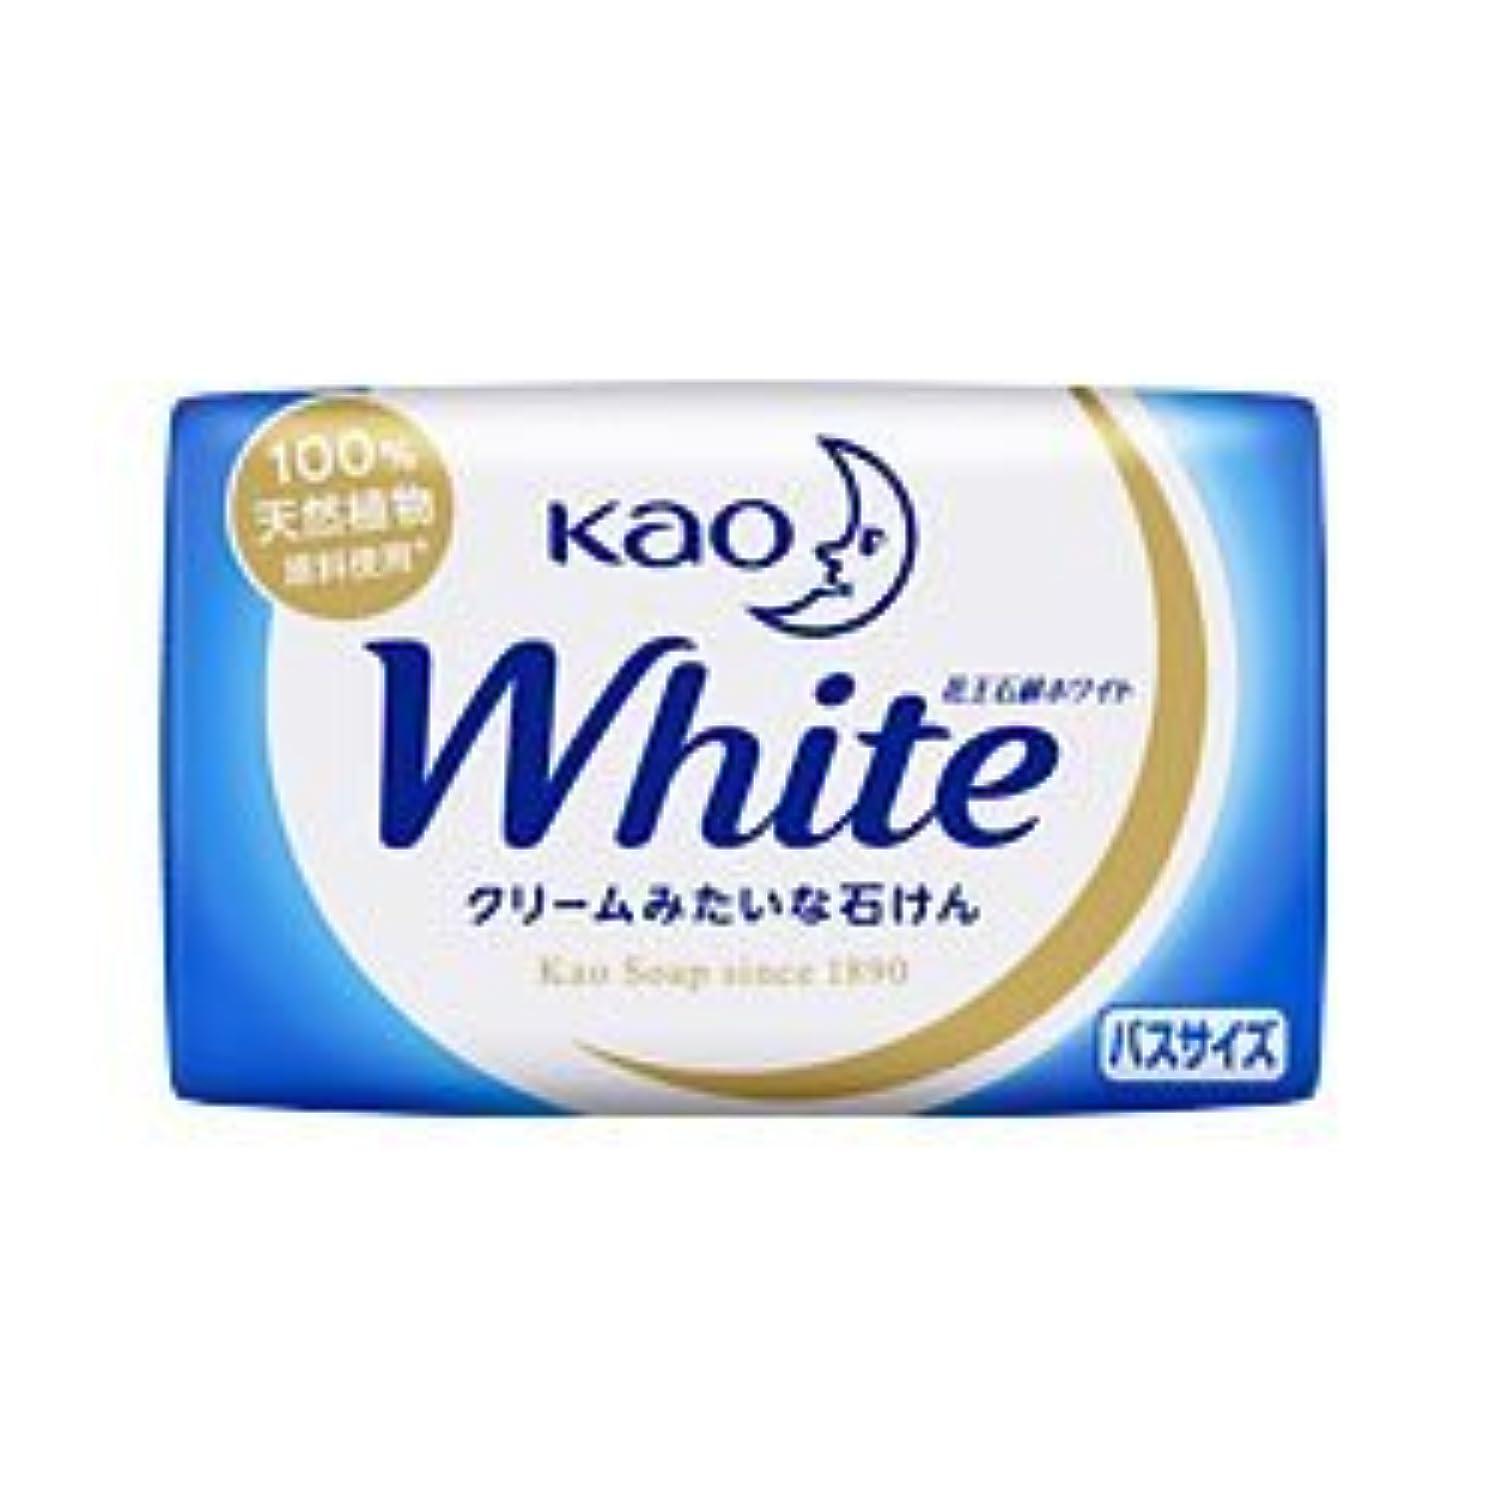 管理者辛な苦悩【花王】花王ホワイト バスサイズ 1個 130g ×20個セット